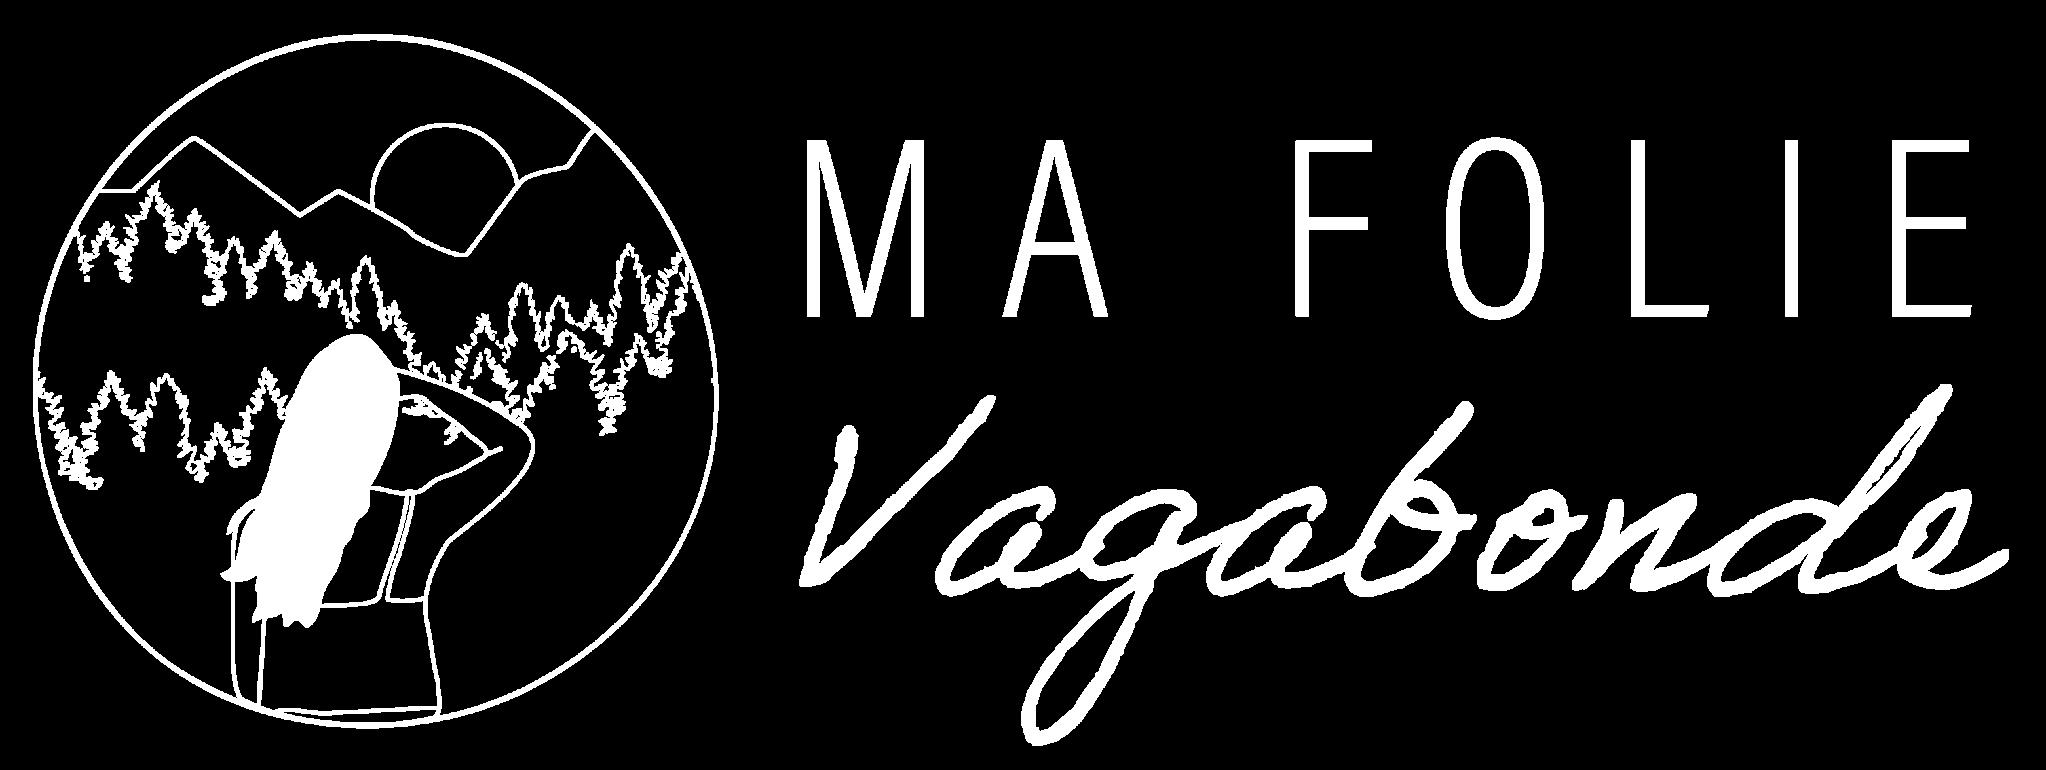 Ma Folie Vagabonde